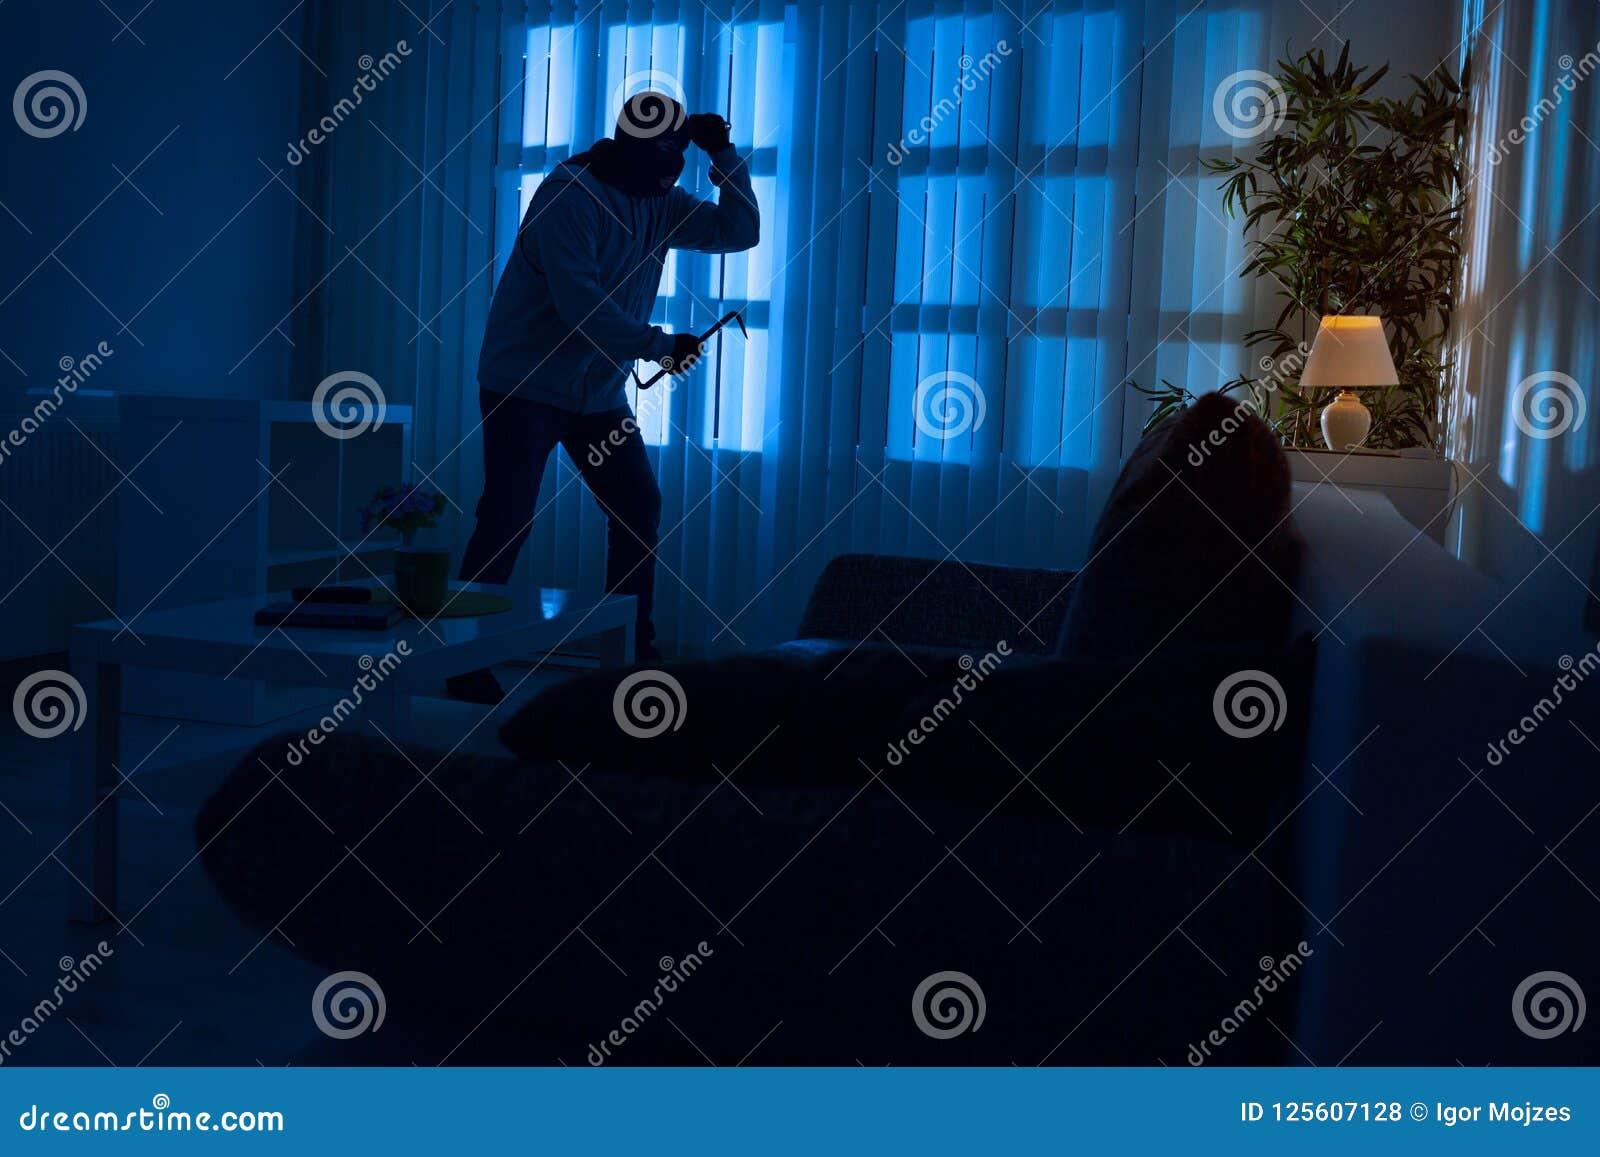 Ограбление в доме